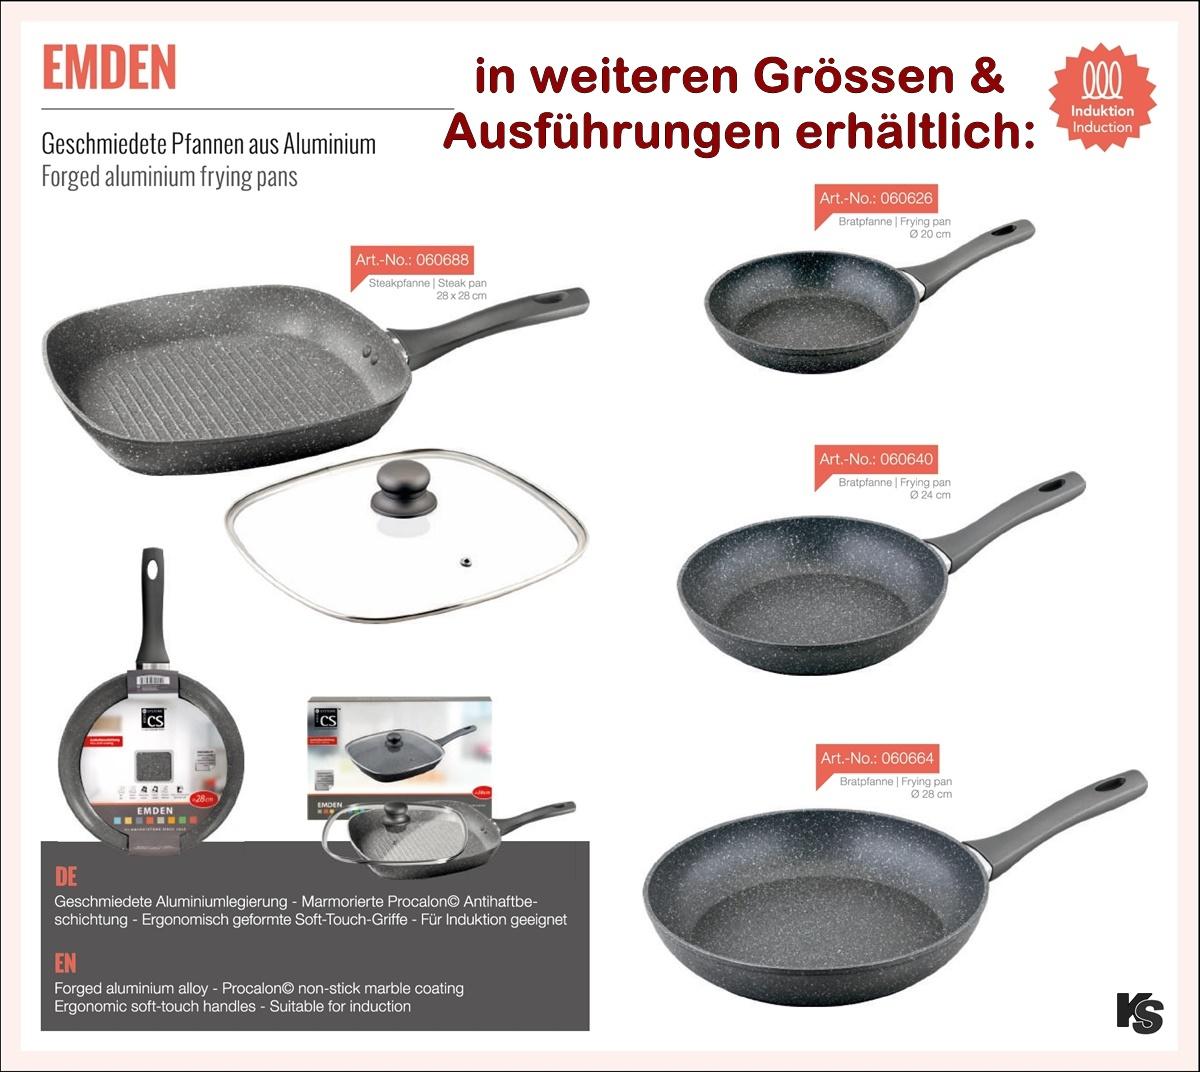 Bratpfanne Cs Kochsysteme 24cm Procalon Beschichtung Kochshop Ch